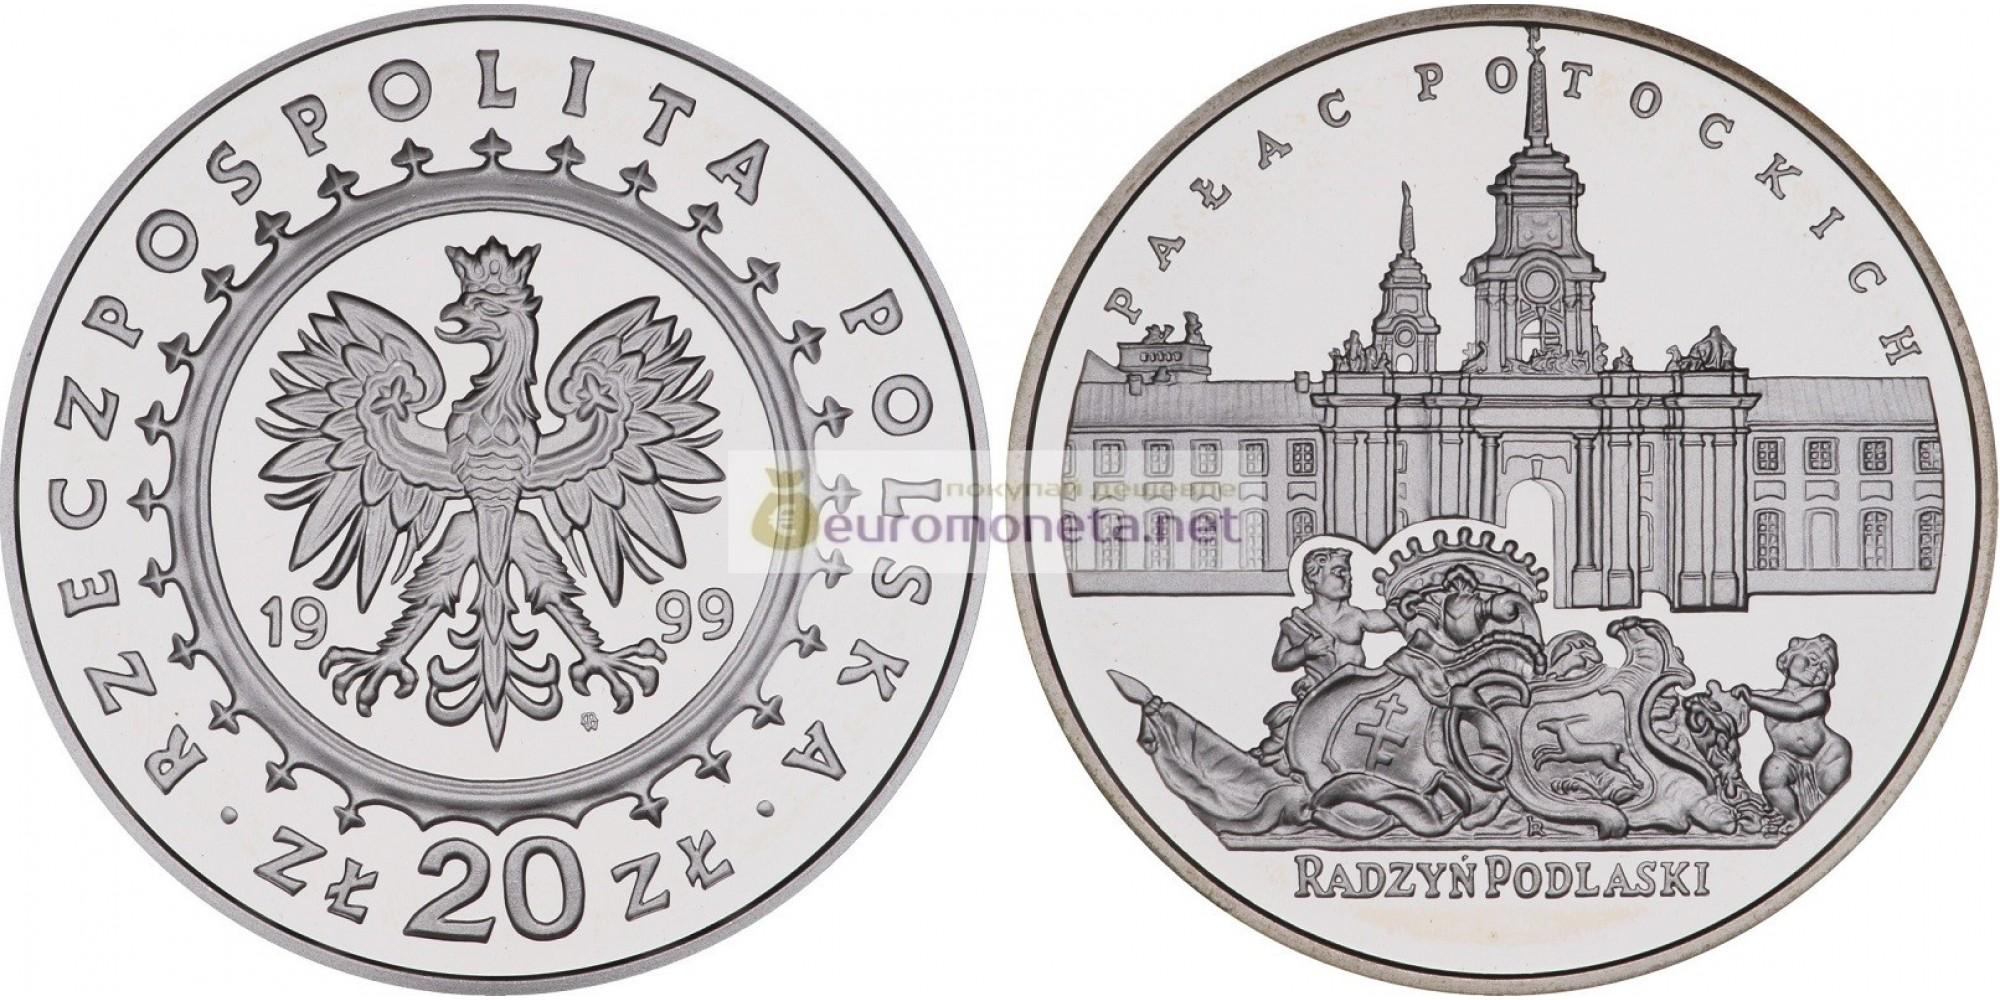 Польша 20 злотых 1999 год Замки и дворцы в Польше: Дворец Потоцких в Радзыне Подляском серебро пруф